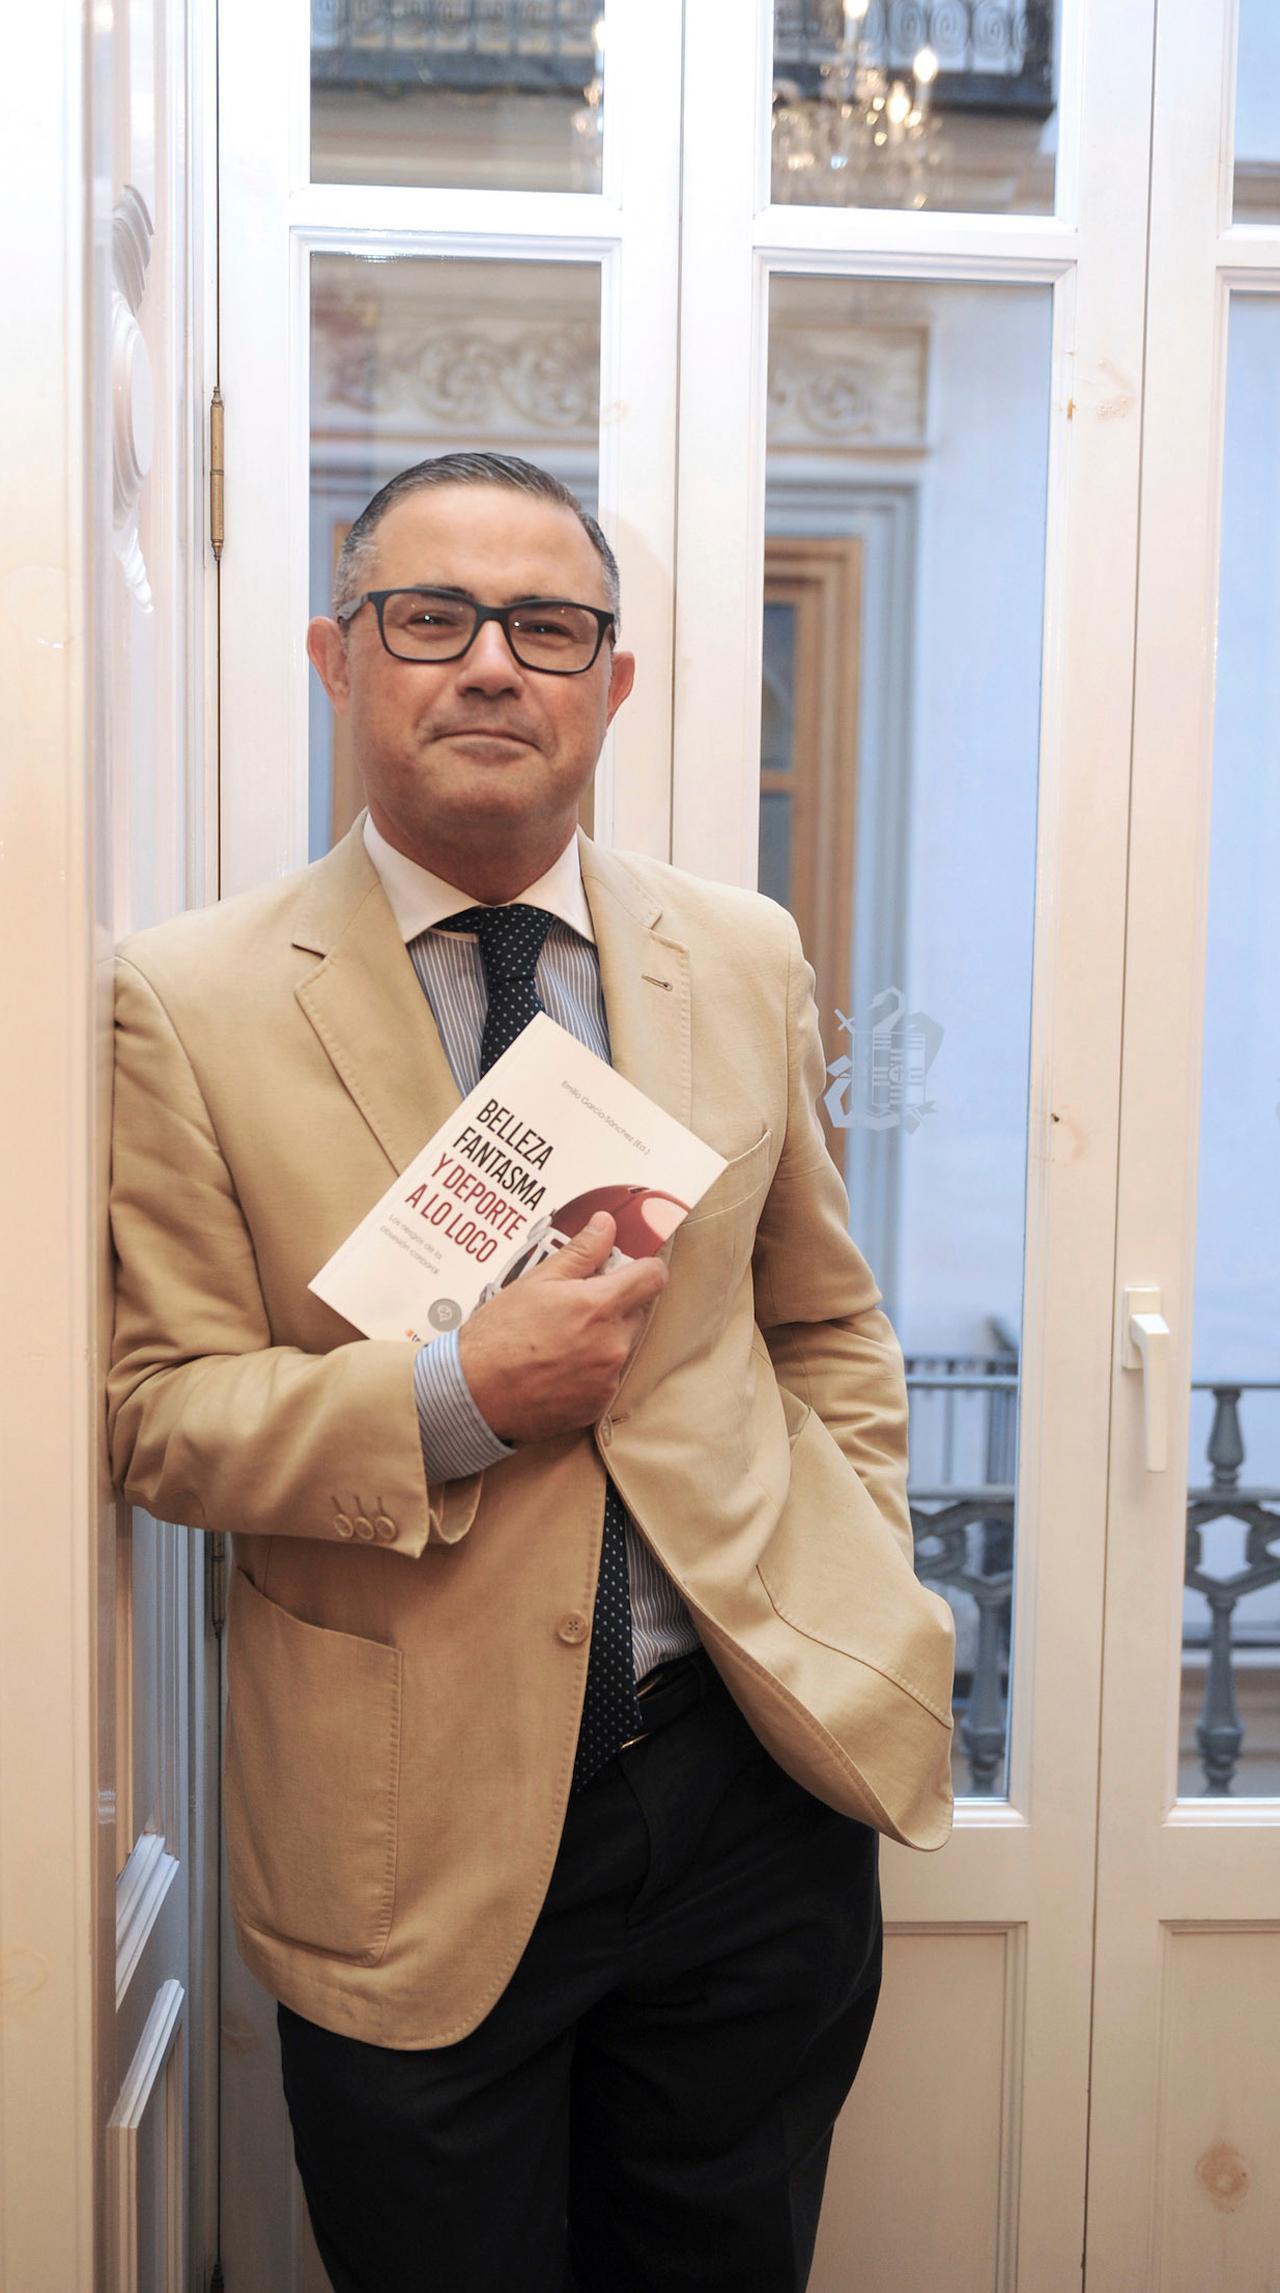 Emilio Garc�a Sánchez, profesor de Bioética en Ciencias de la Salud de la Universidad CEU-Cardenal Herrera de Valencia.